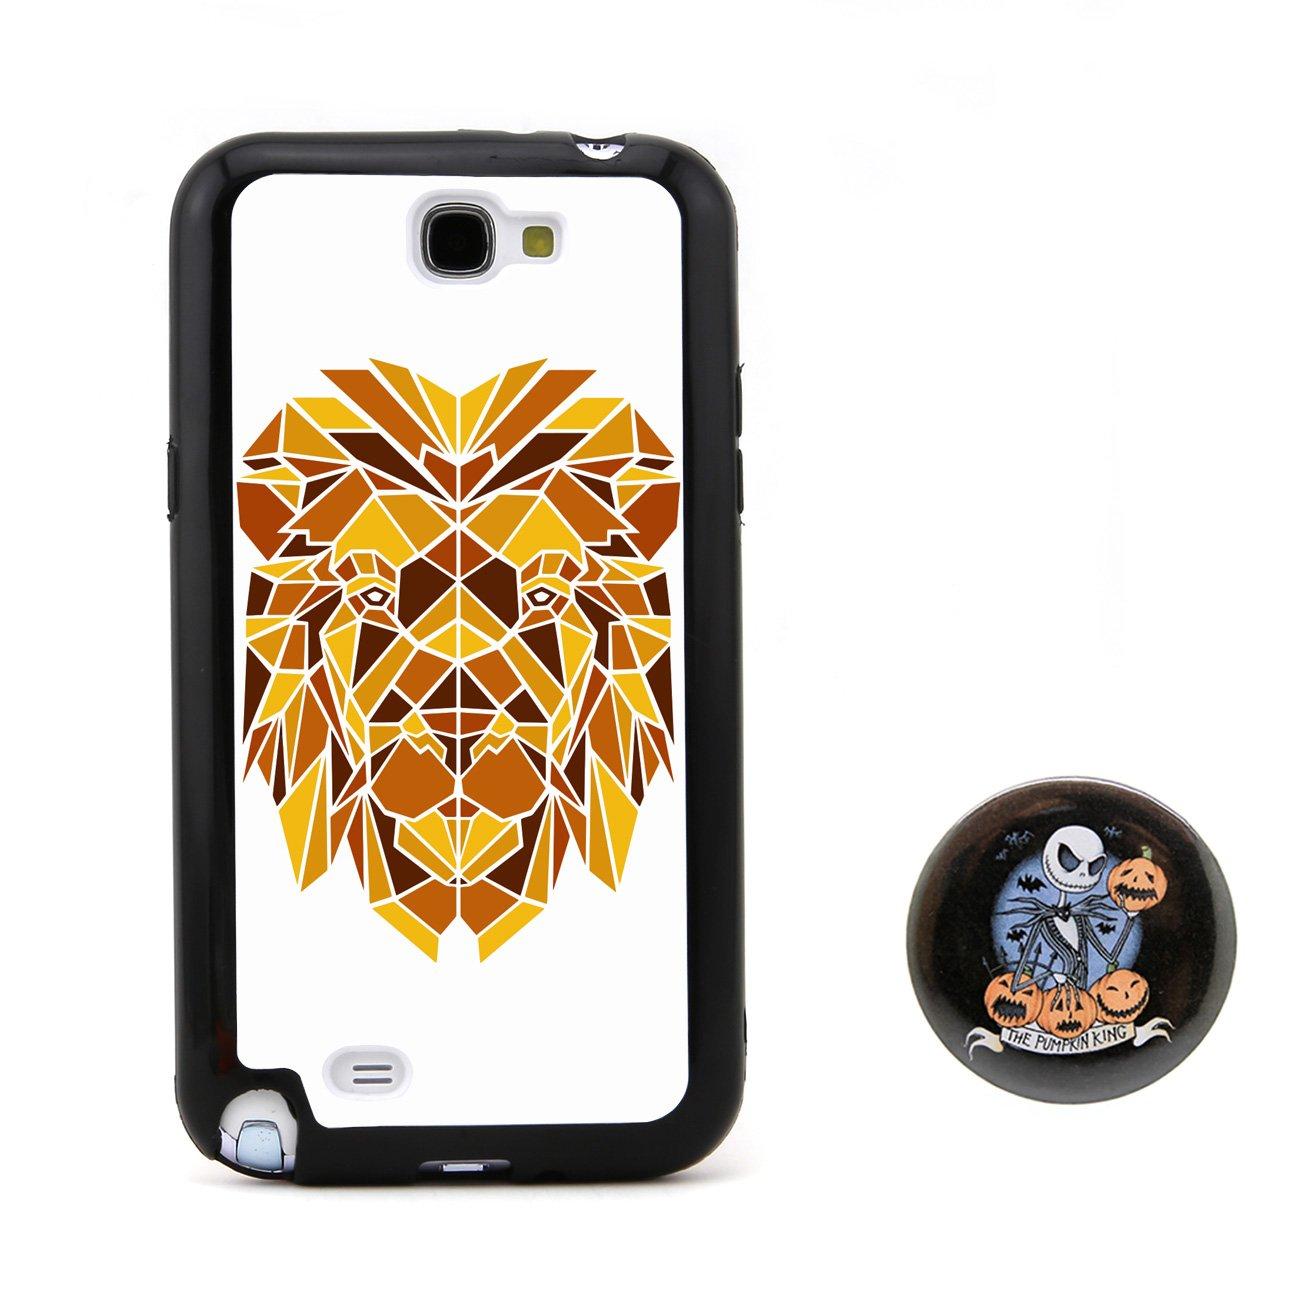 狮子3d多边形动物头像浮雕设计风格 塑料 tpu手机壳 手机套 适用于